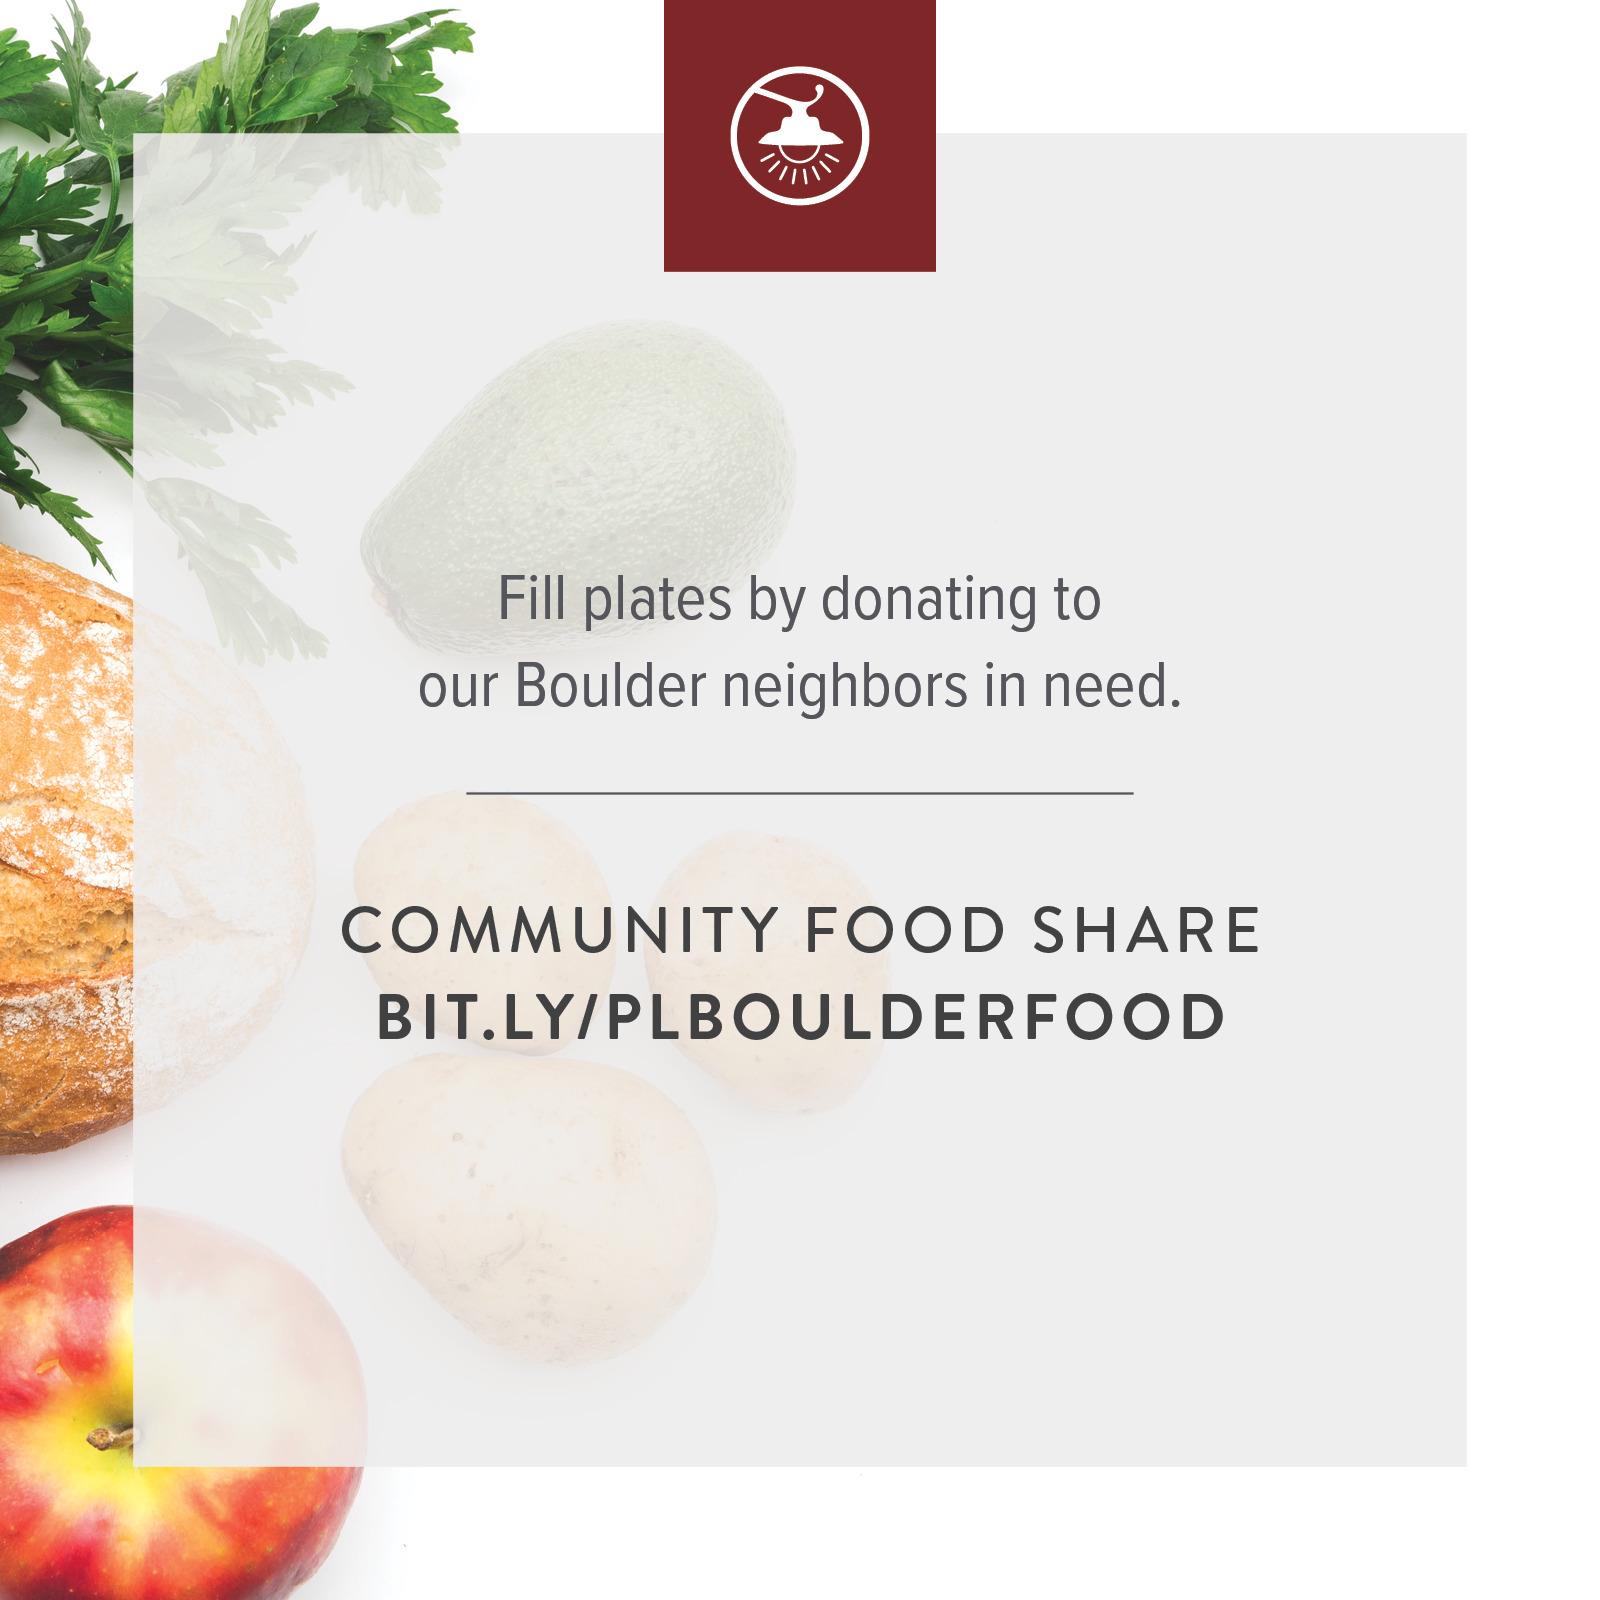 FoodDrive_SOCIAL_BOUDER